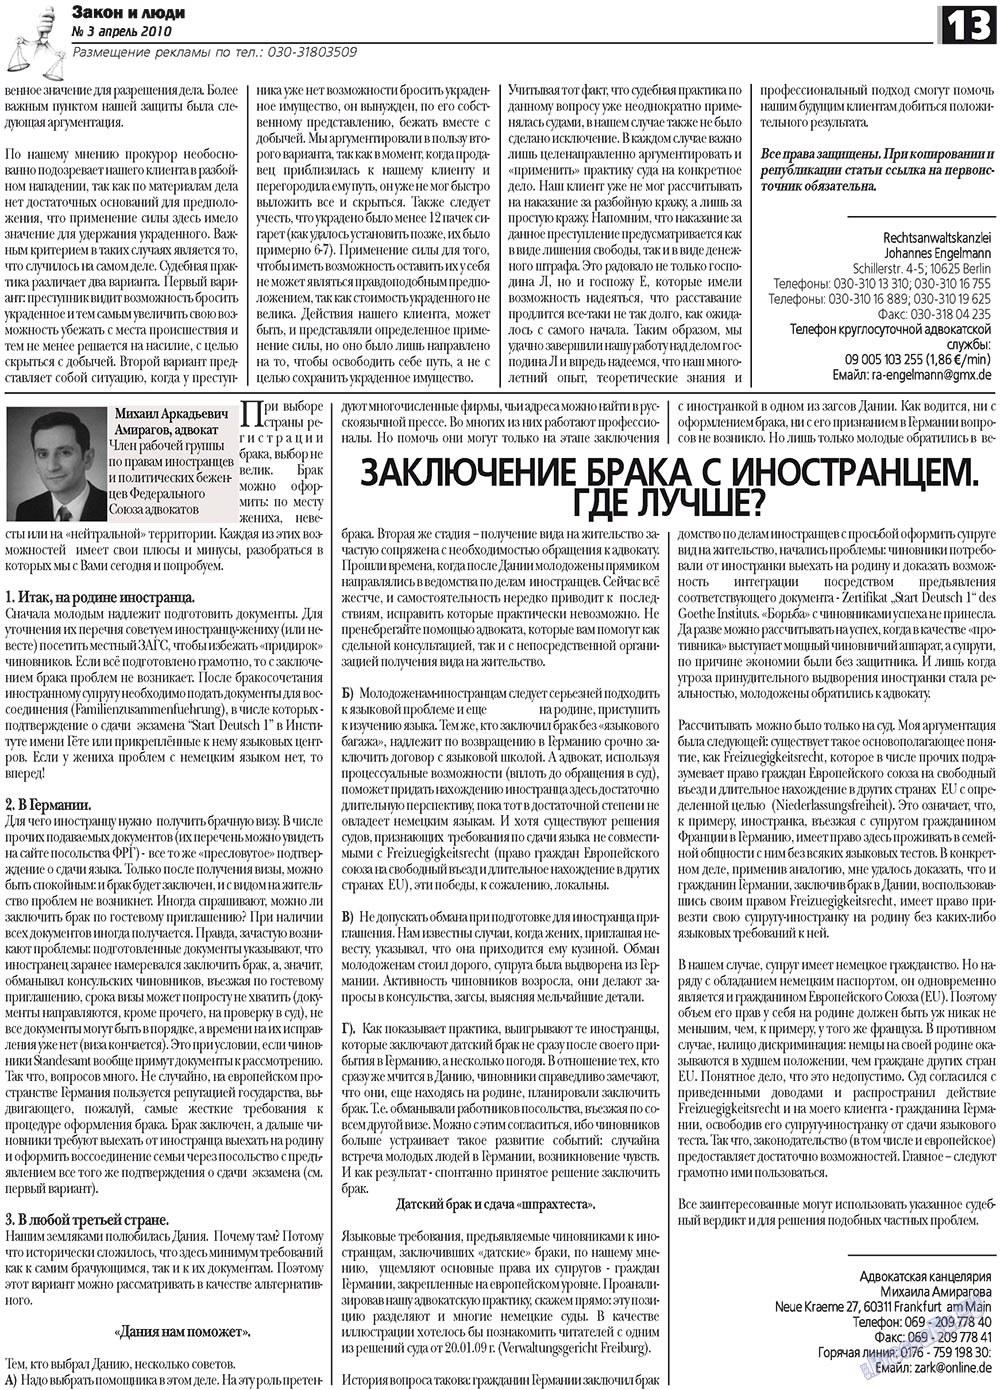 Закон и люди (газета). 2010 год, номер 3, стр. 13